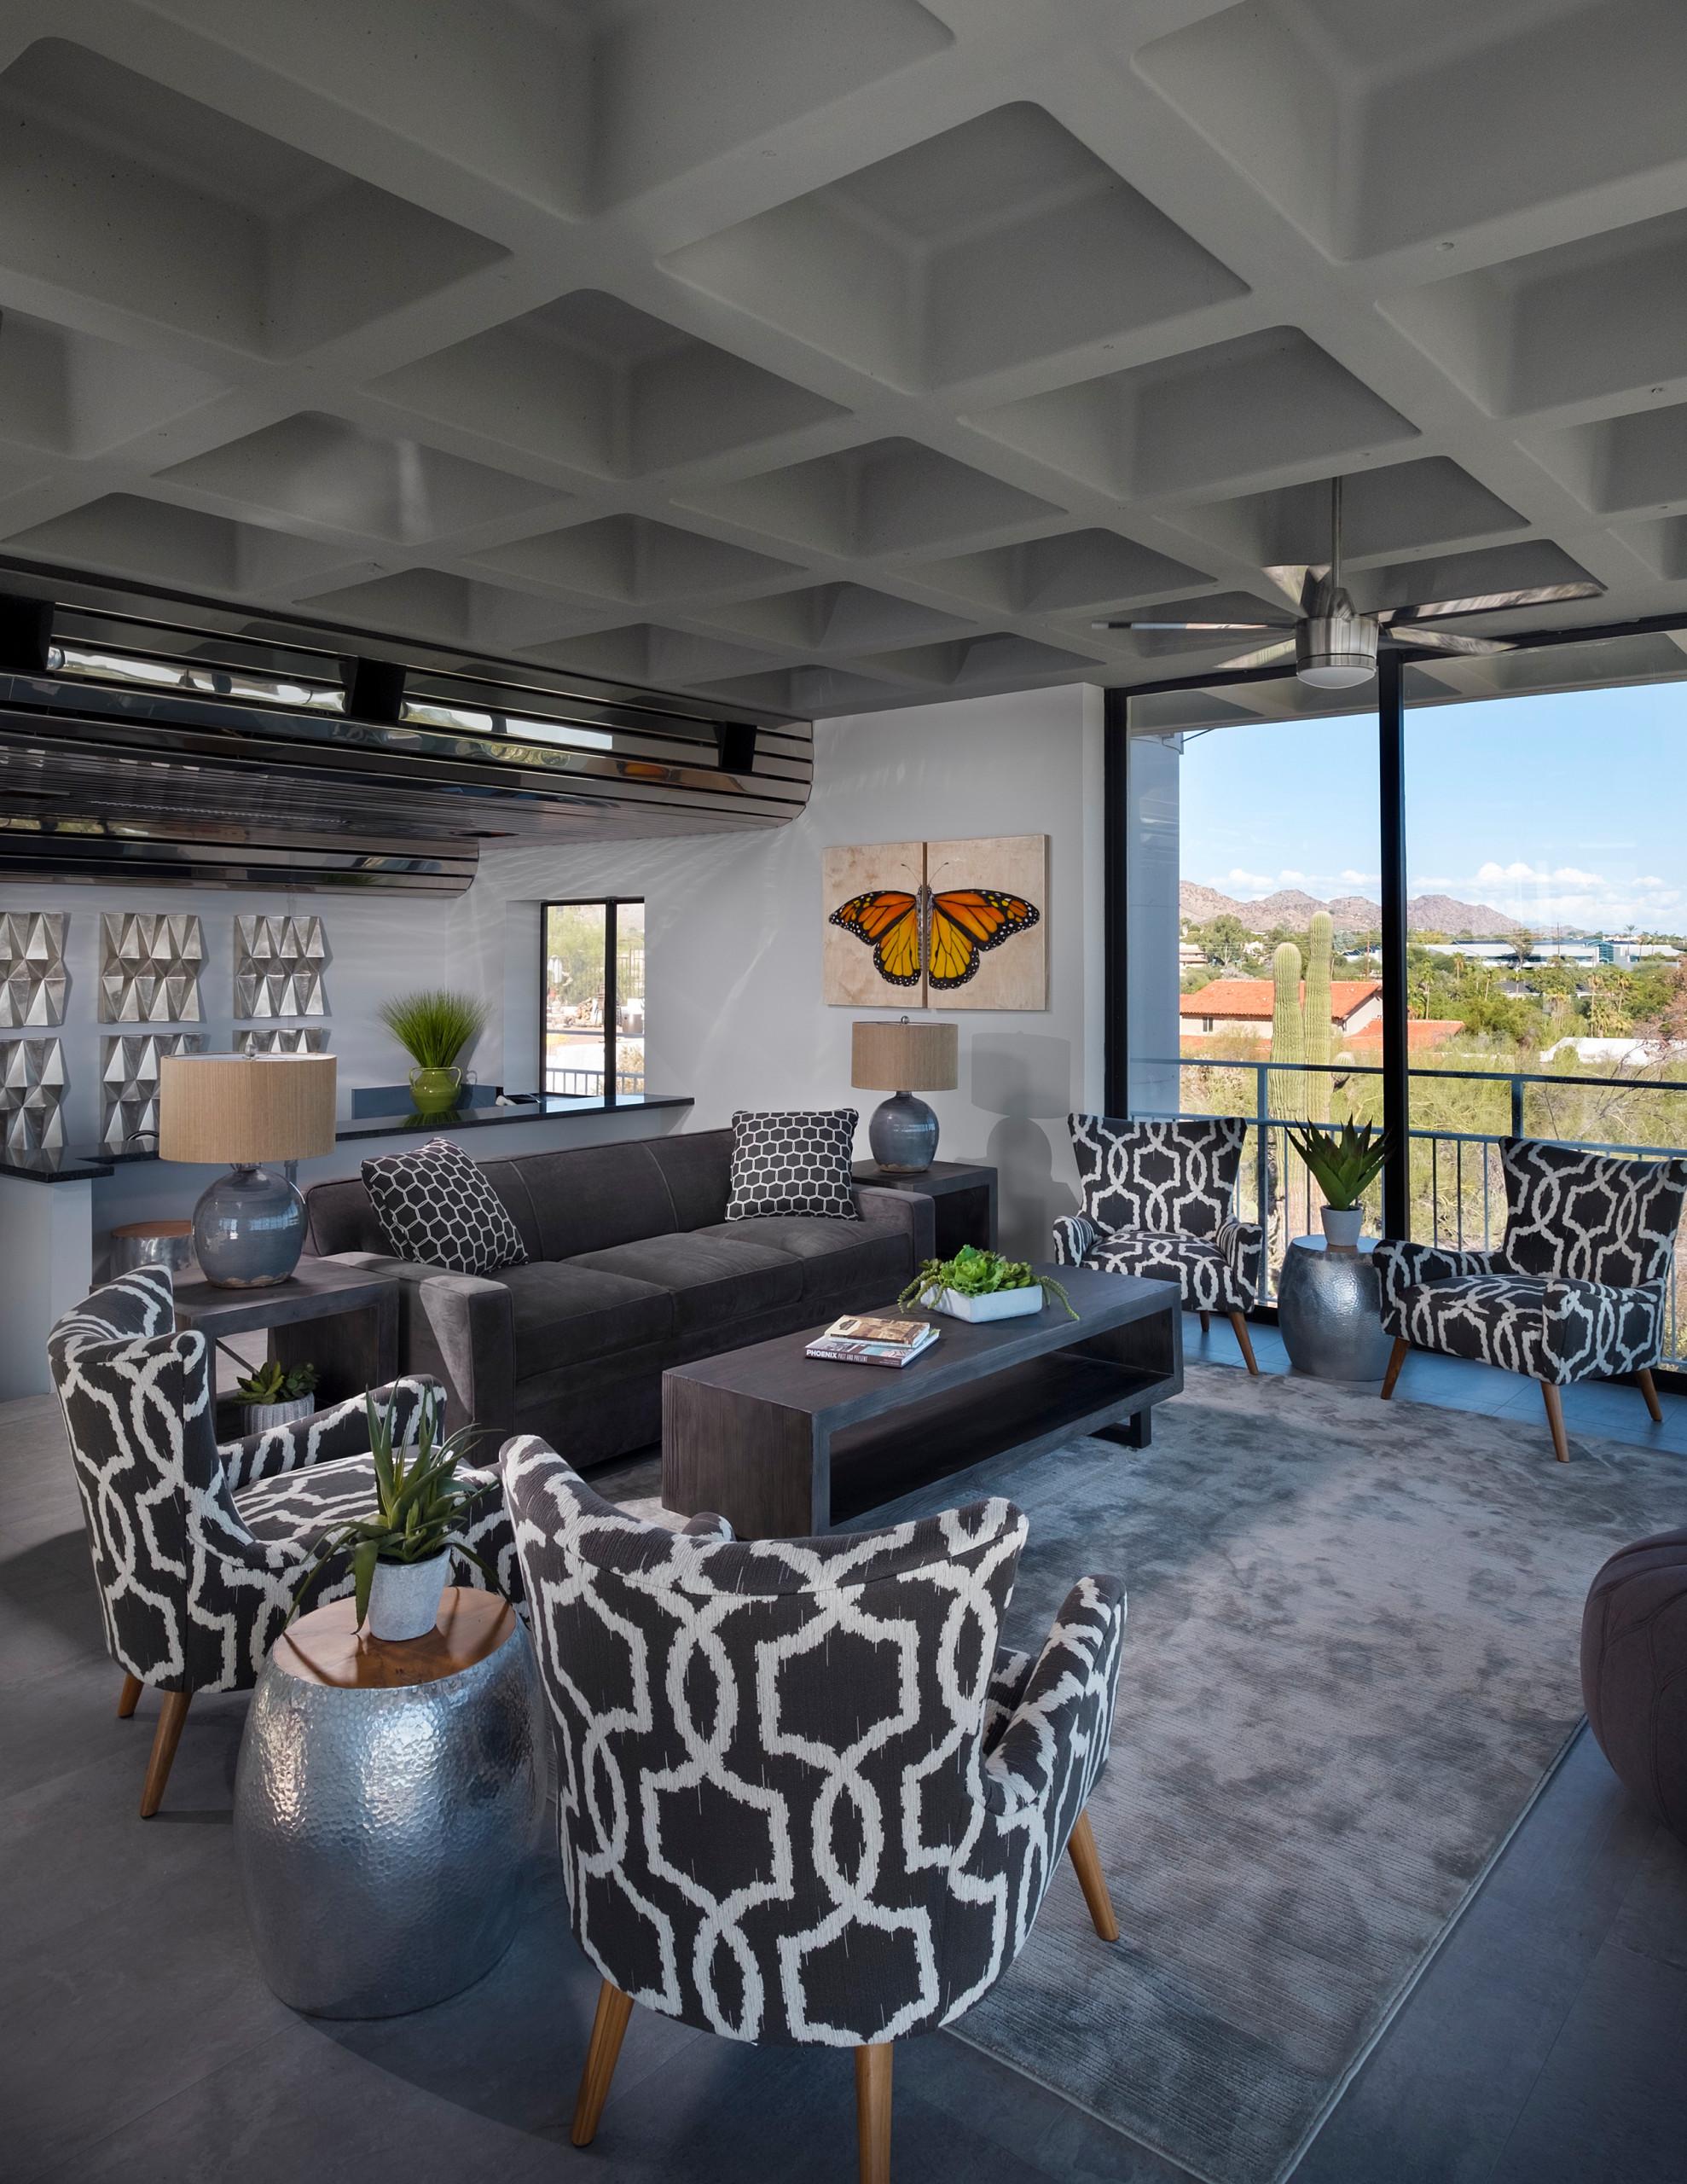 Home design - modern home design idea in Phoenix